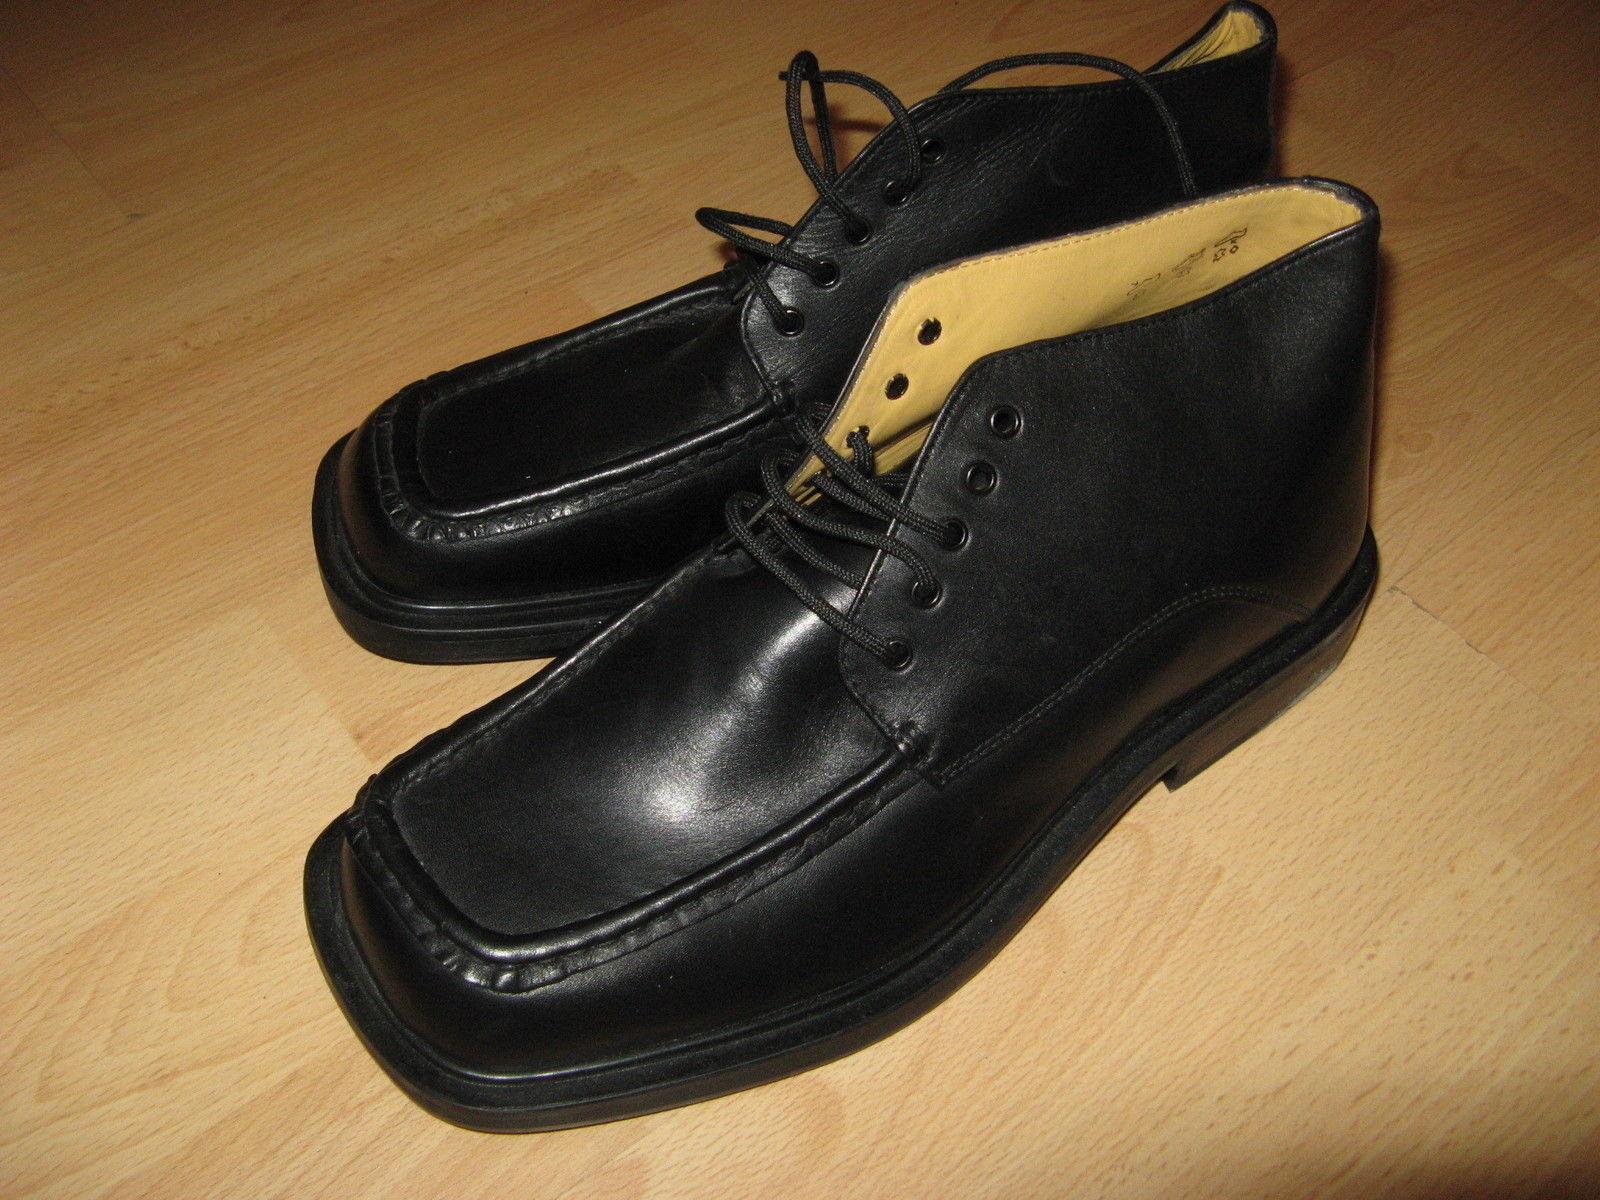 NUOVO in scatola Gabbrielli nera in pelle MORENA Gabbrielli scatola Fashion Stivaletti Taglia 9 EU 2595c3